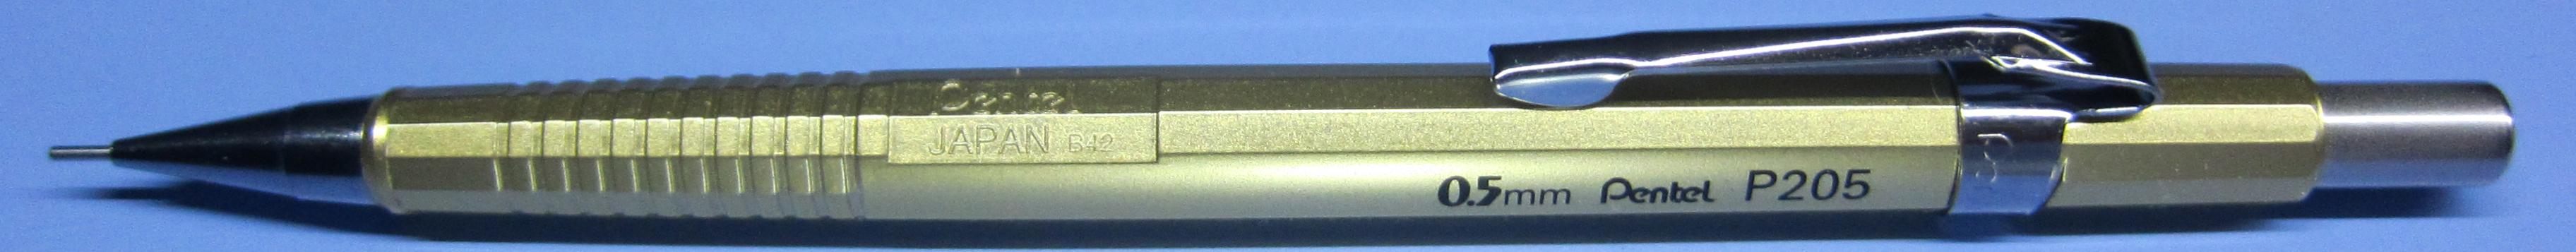 P205M-X50 (Gen 6) - 357